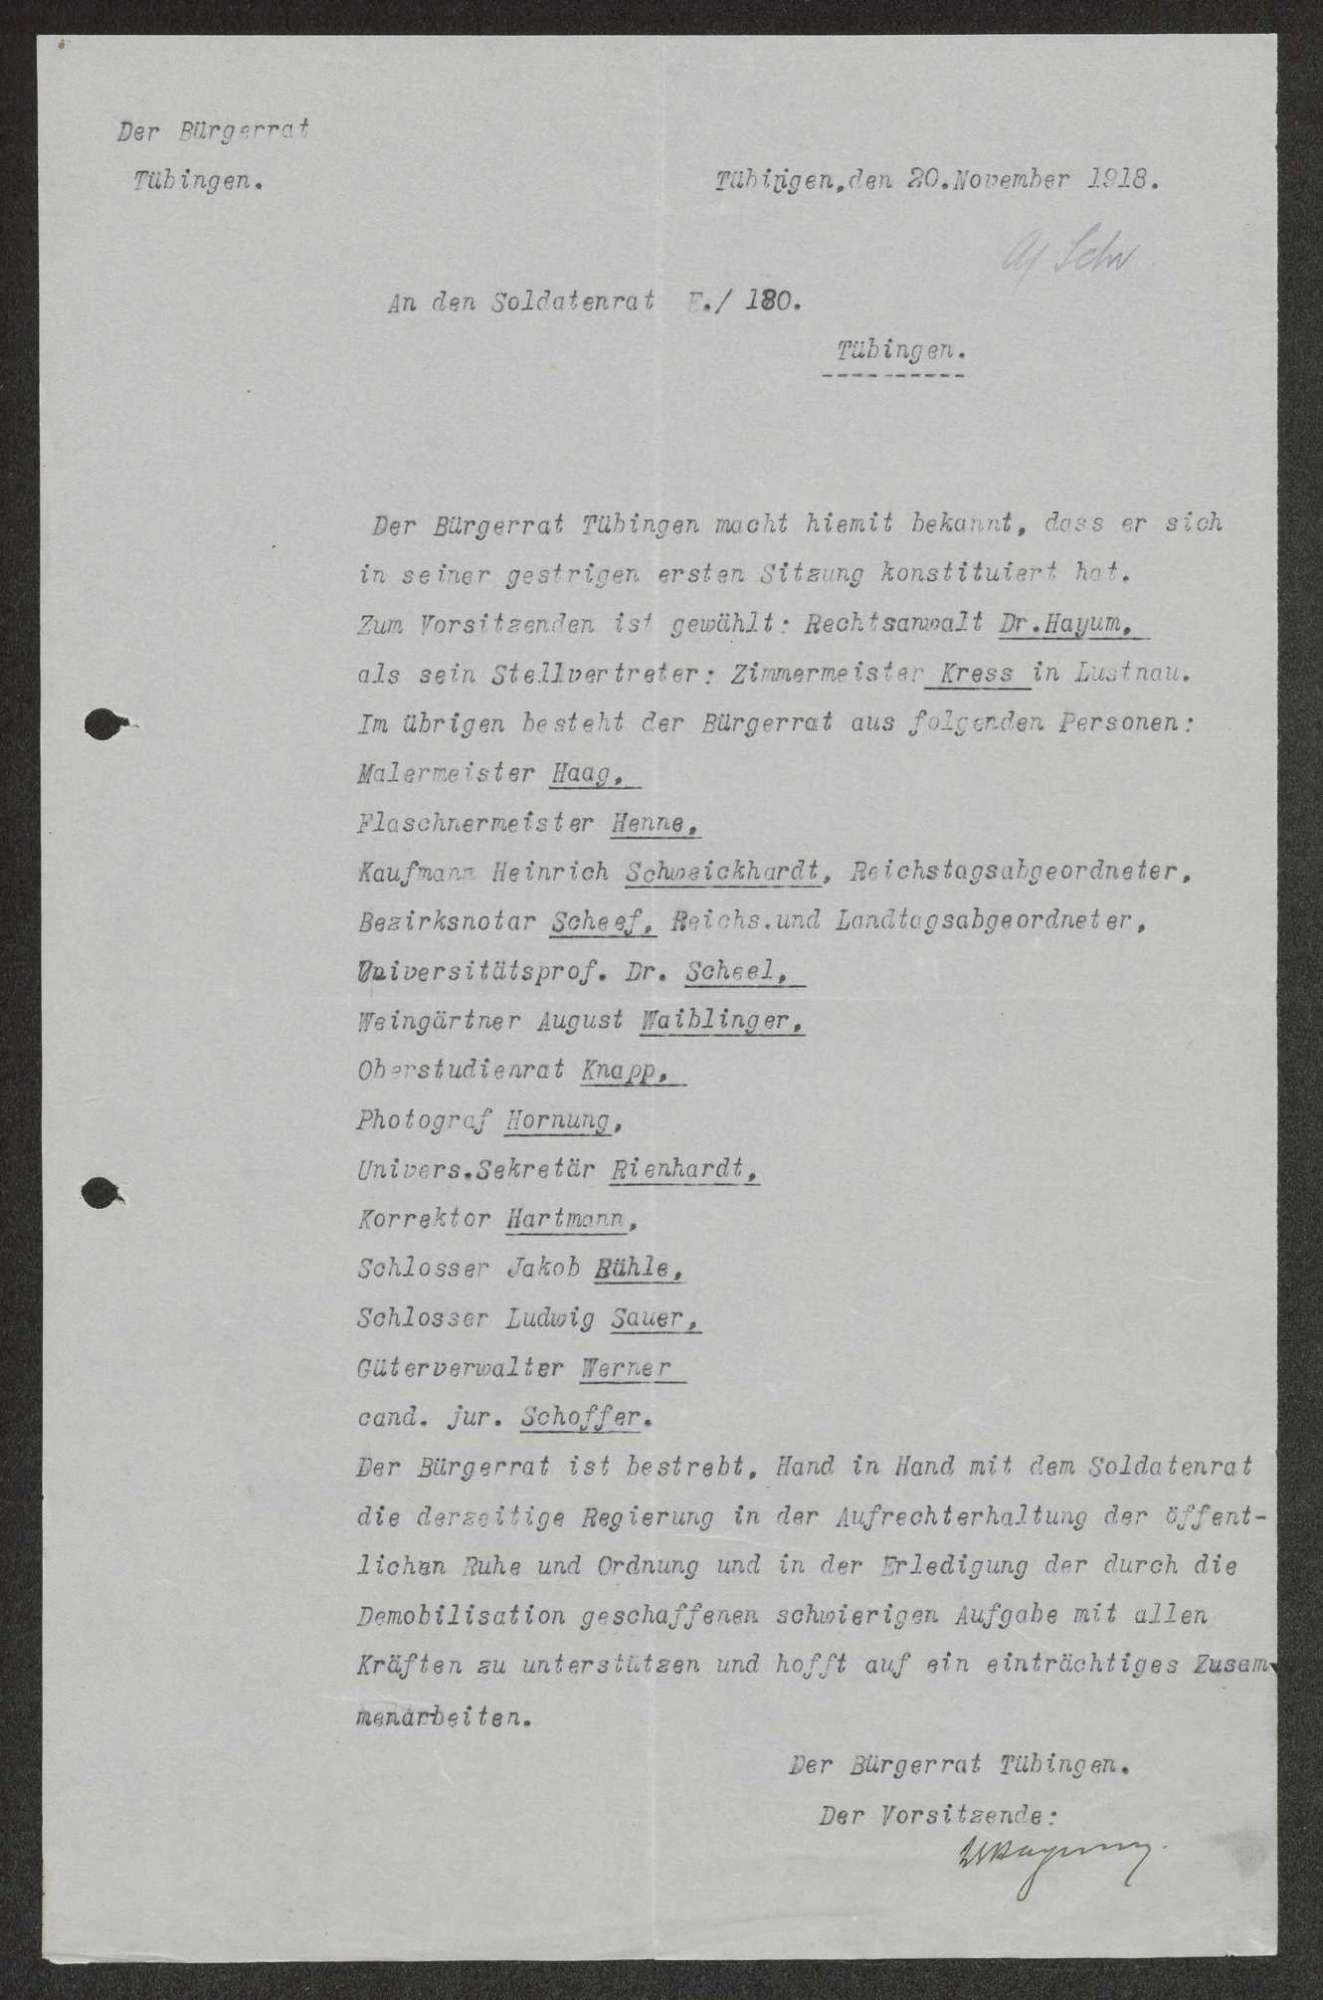 Mitteilung des Bürgerrats Tübingen über seine konstituierende Sitzung sowie über seine Zusammensetzung, Bild 1